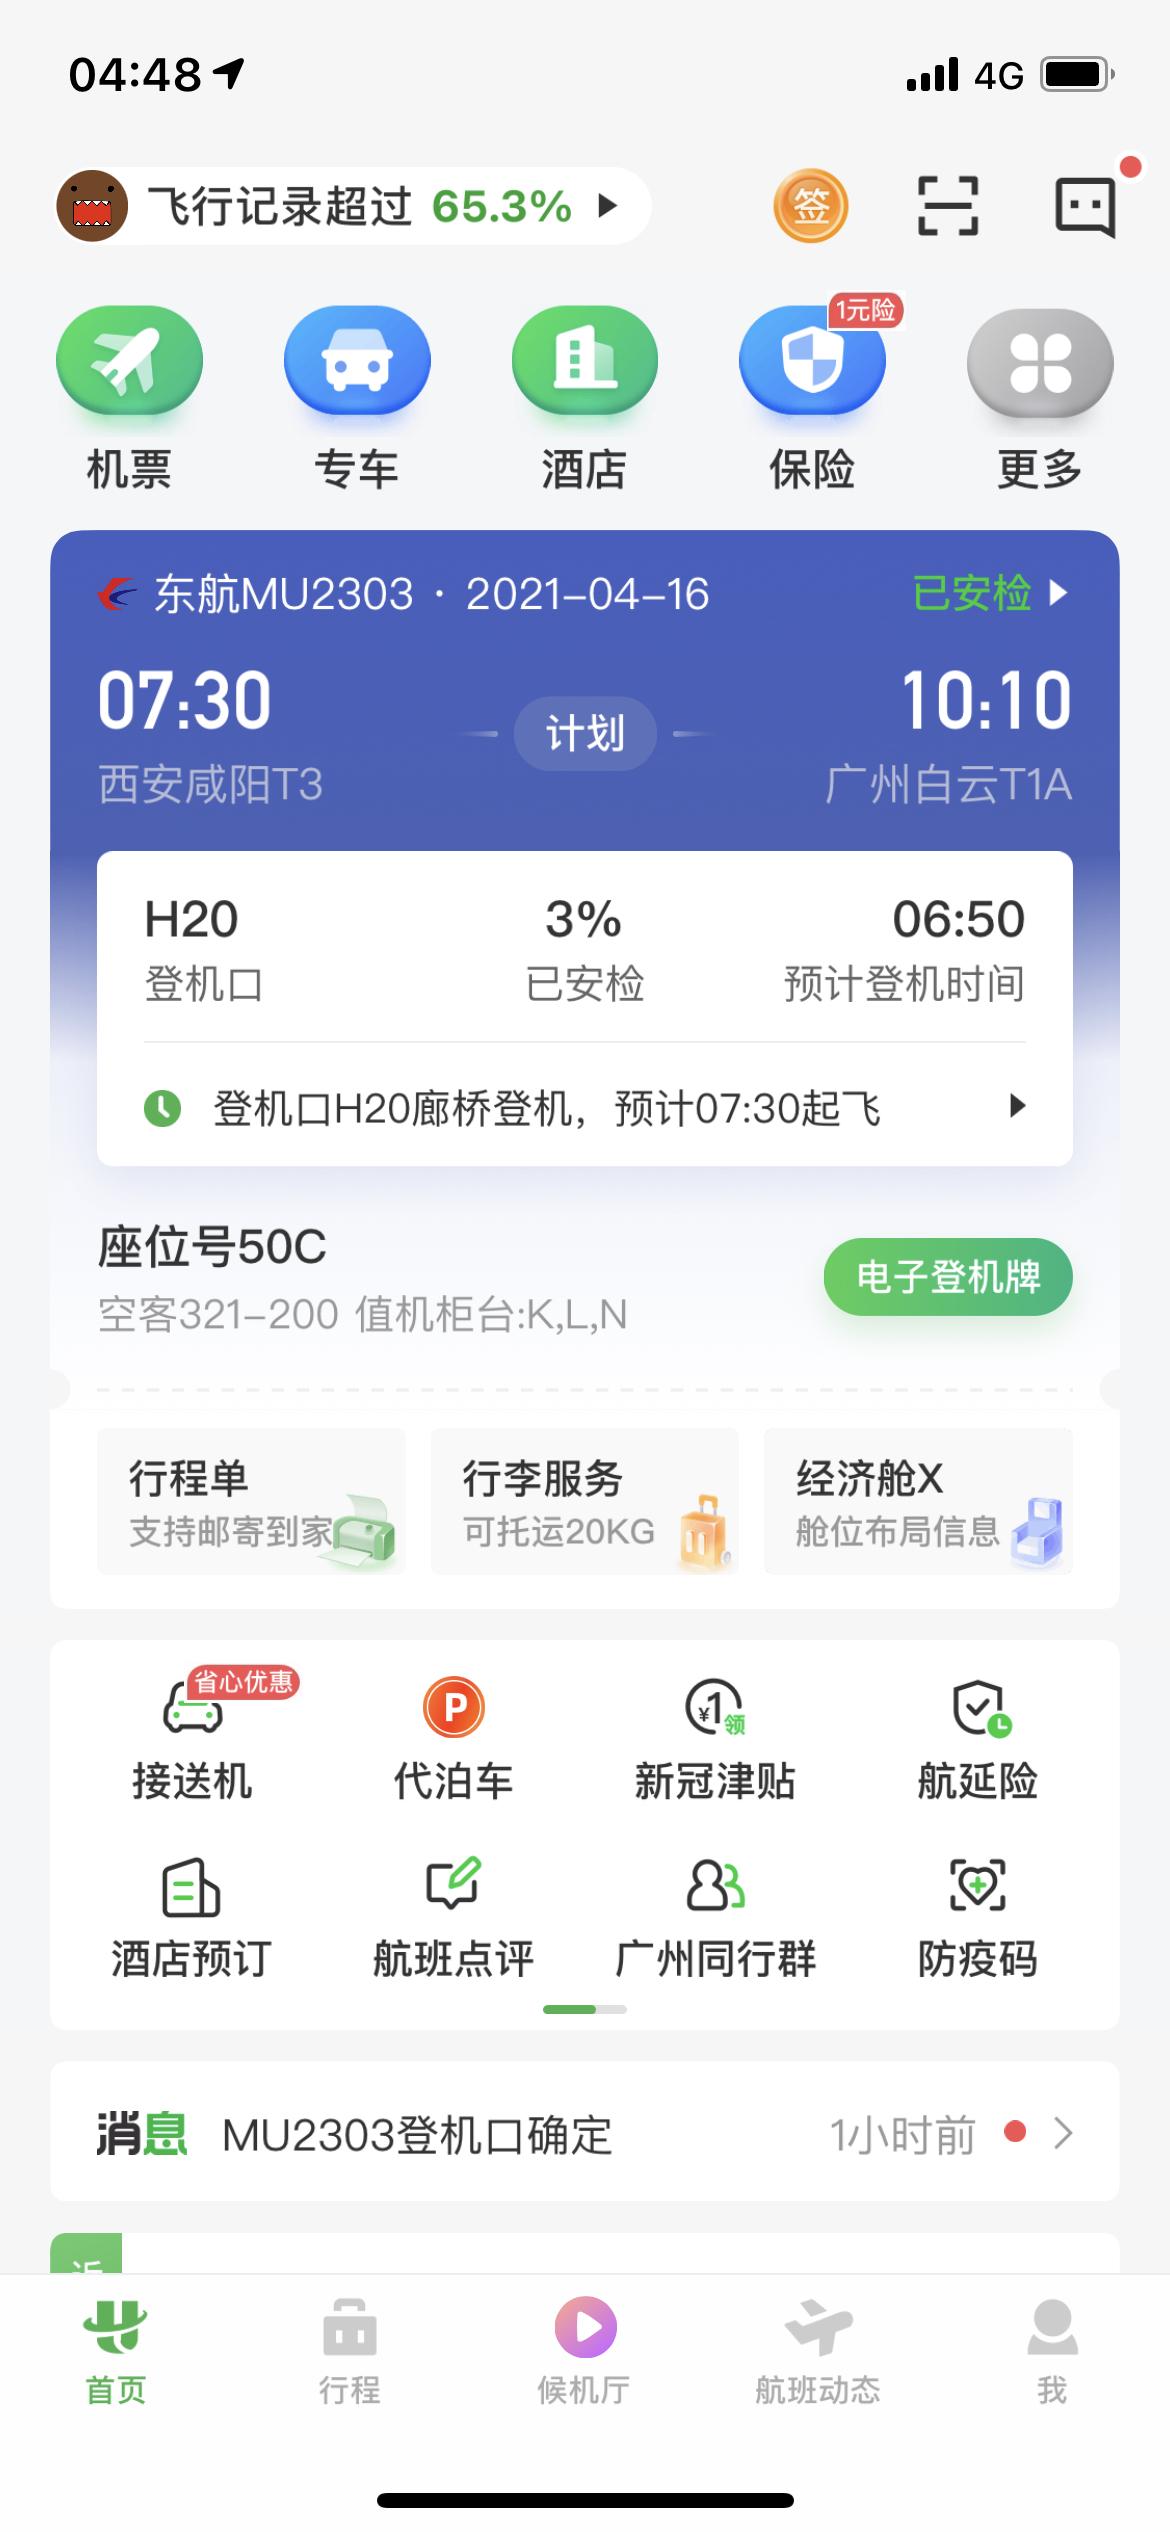 『东航随心飞』尾声之旅 秦粤琼楚湘出差兼探亲